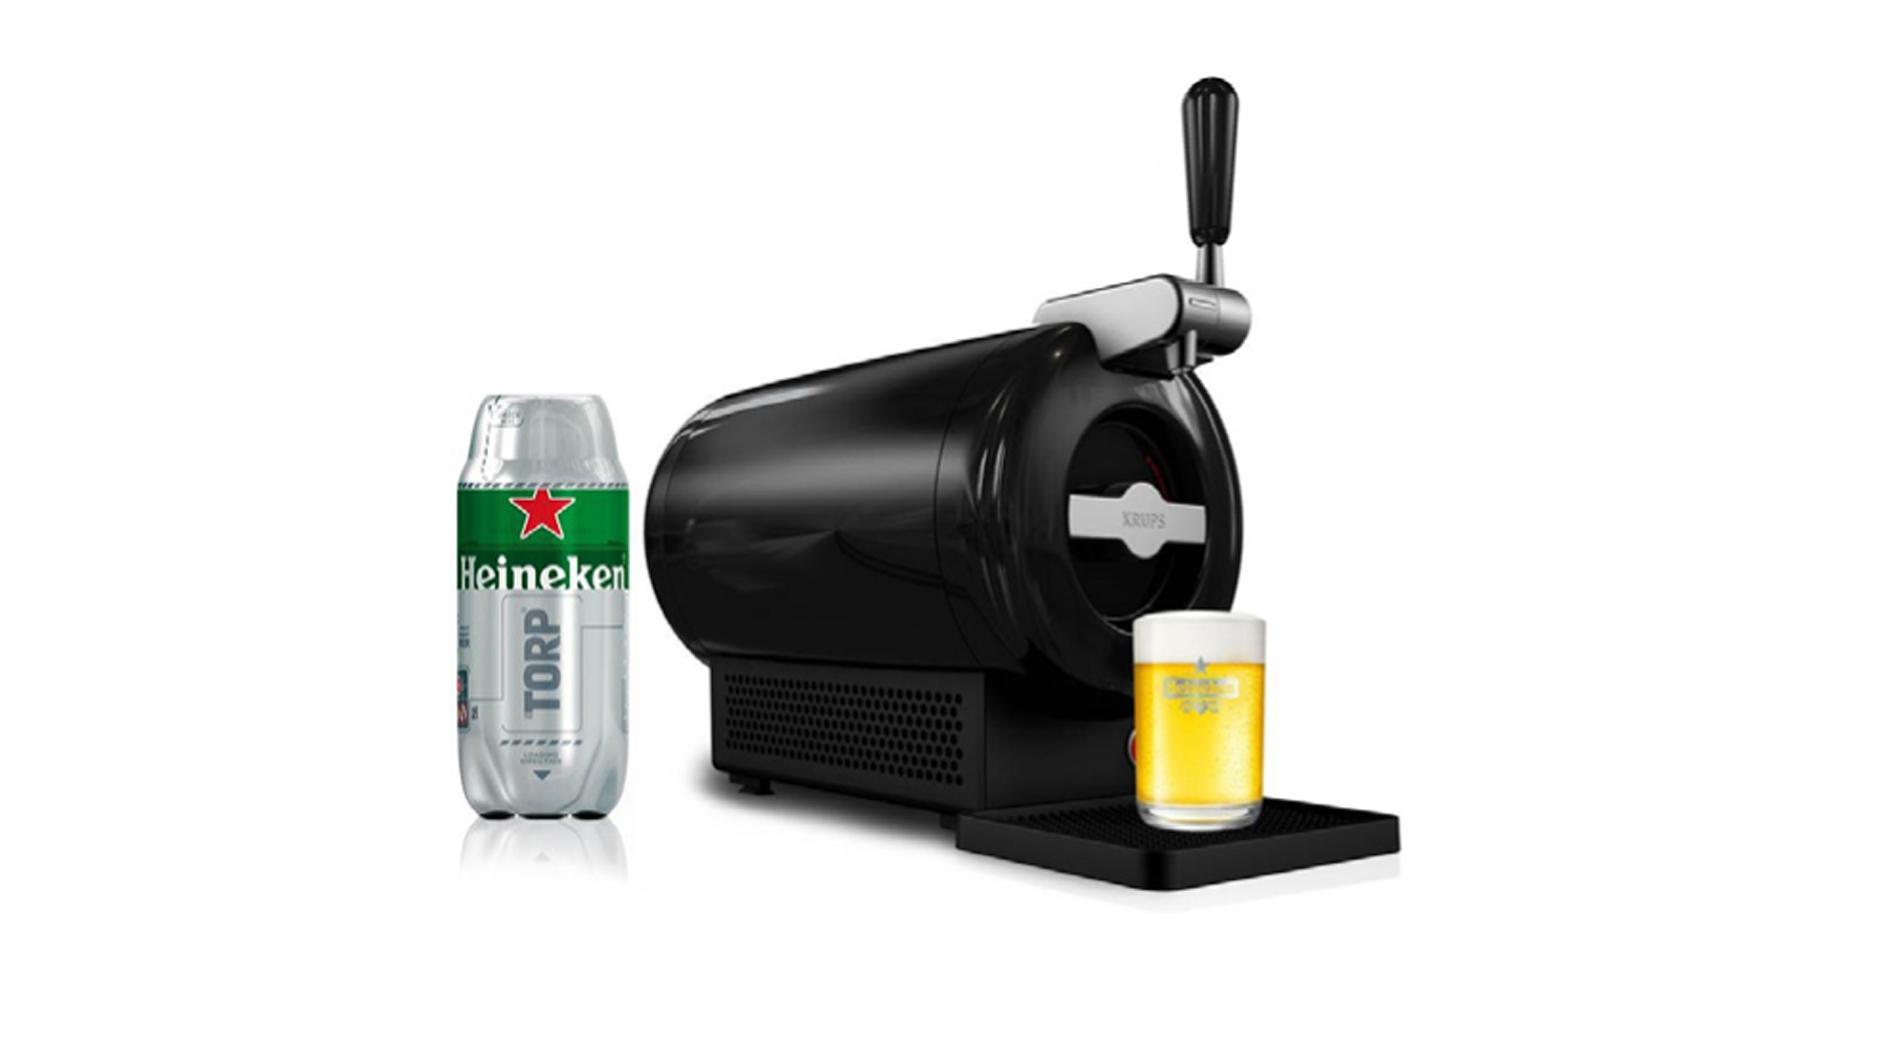 The sub lo spillatore disegnato da marc newson per heineken ora nella versione total black - Spillatore birra da casa ...